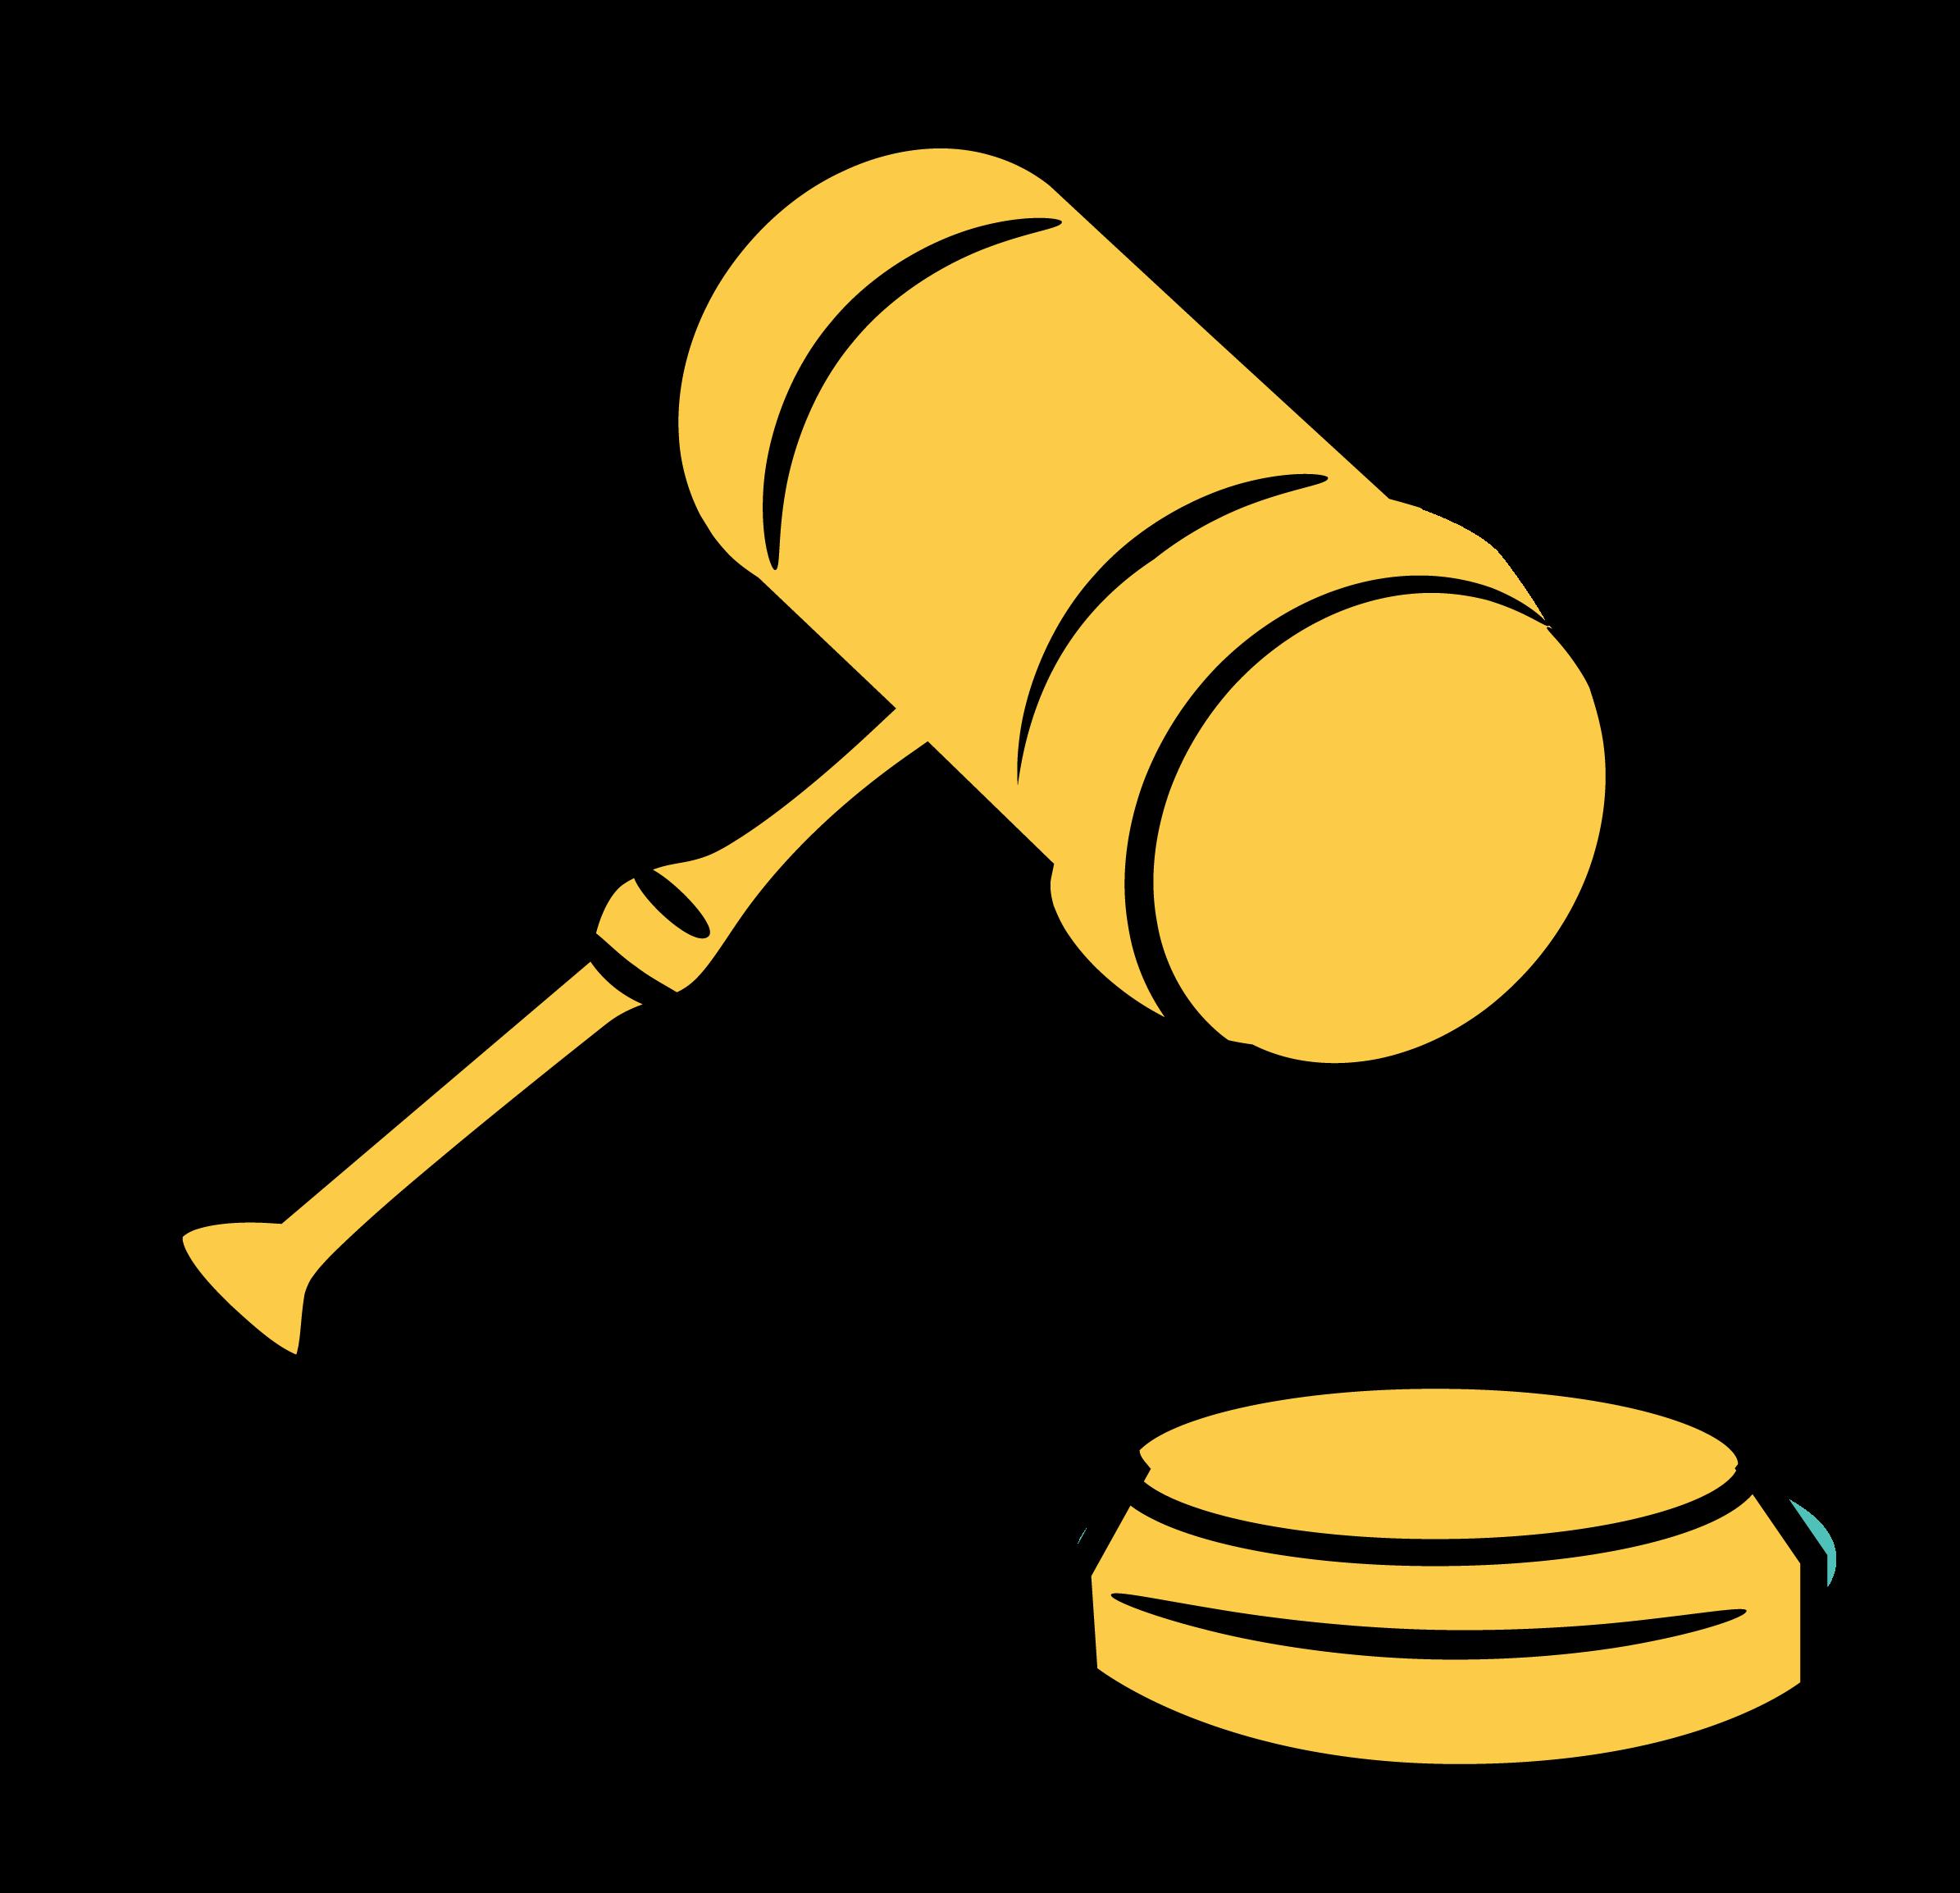 gegi law gavel icon